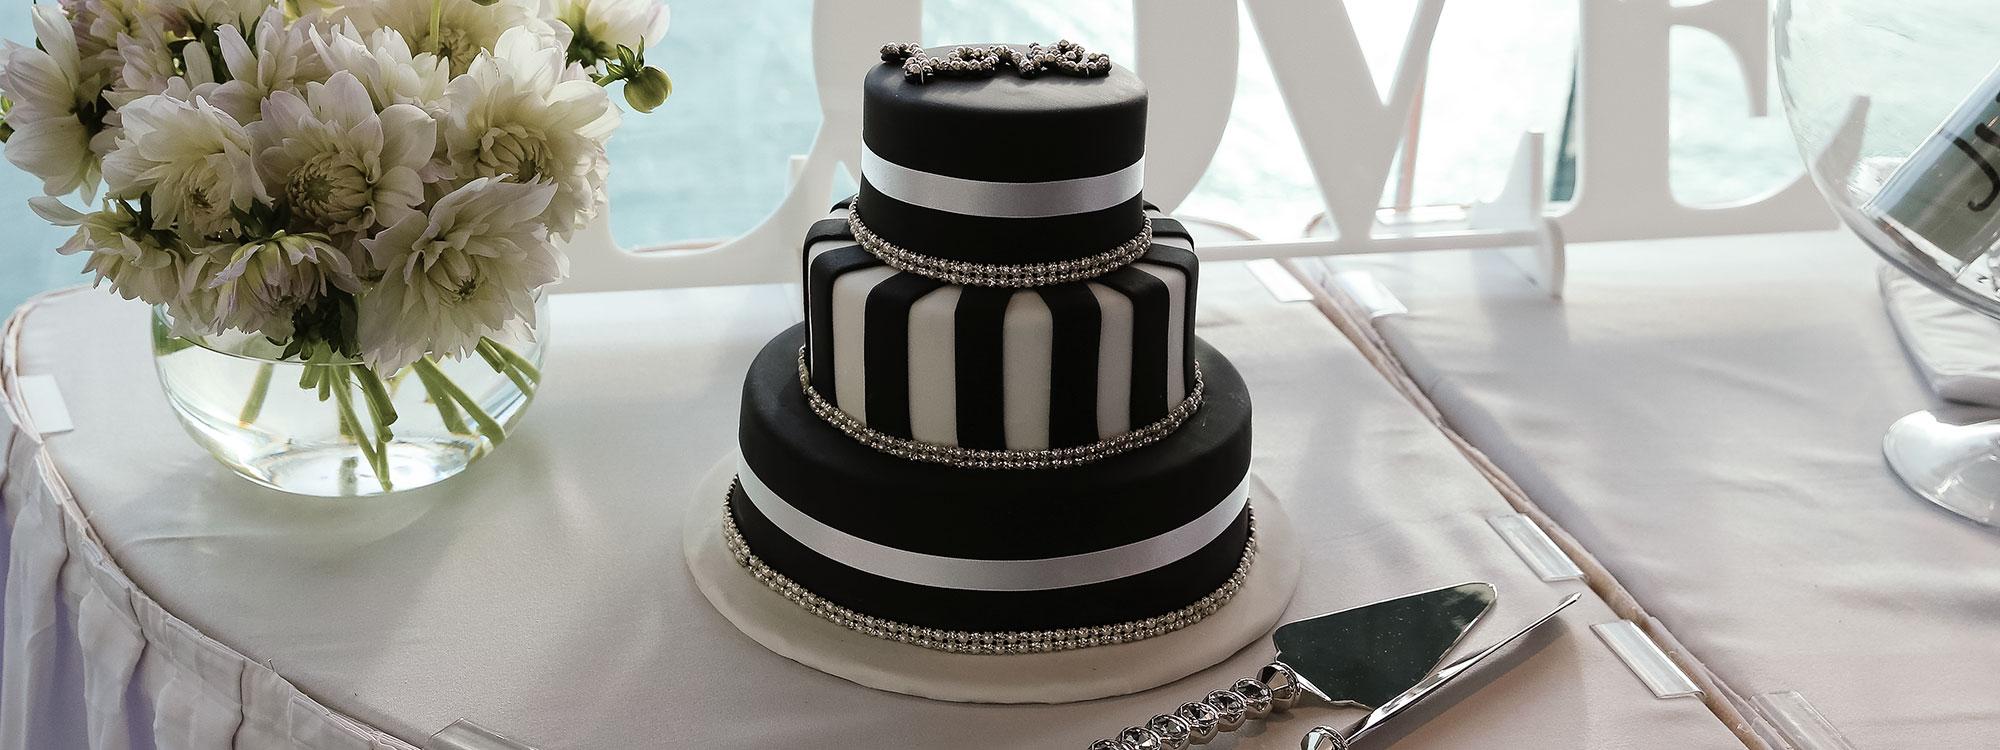 1403070189-cake-banner-2000